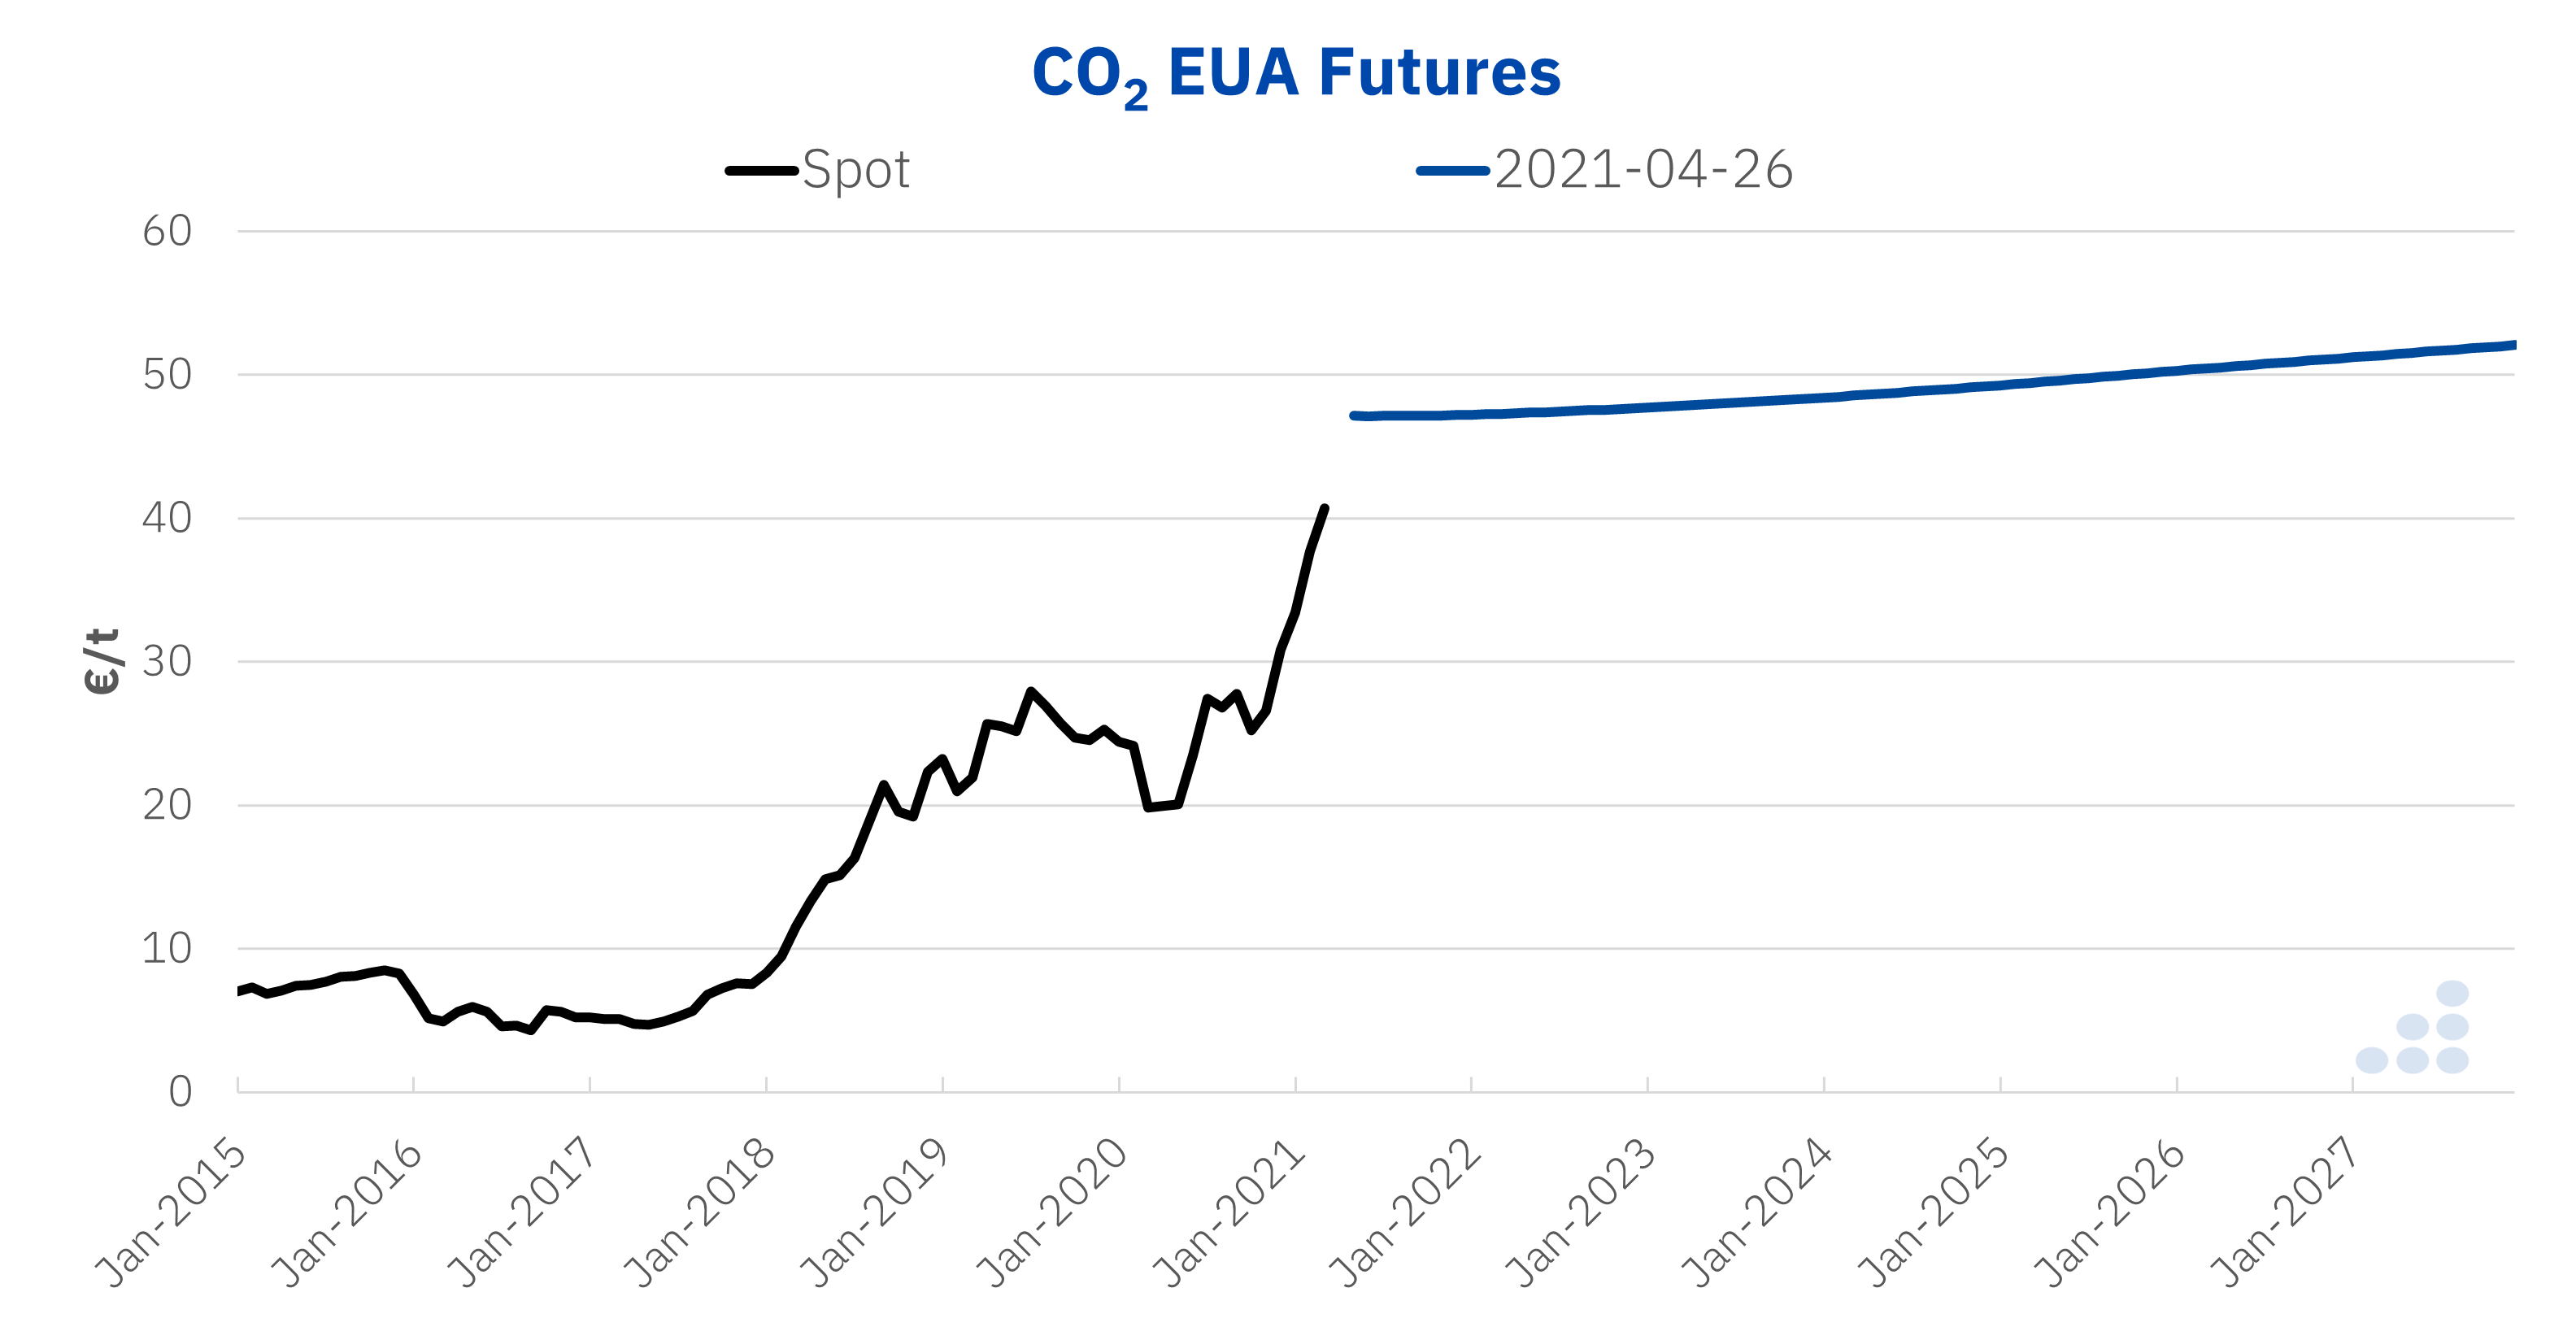 AleaSoft - CO2 EUA futures